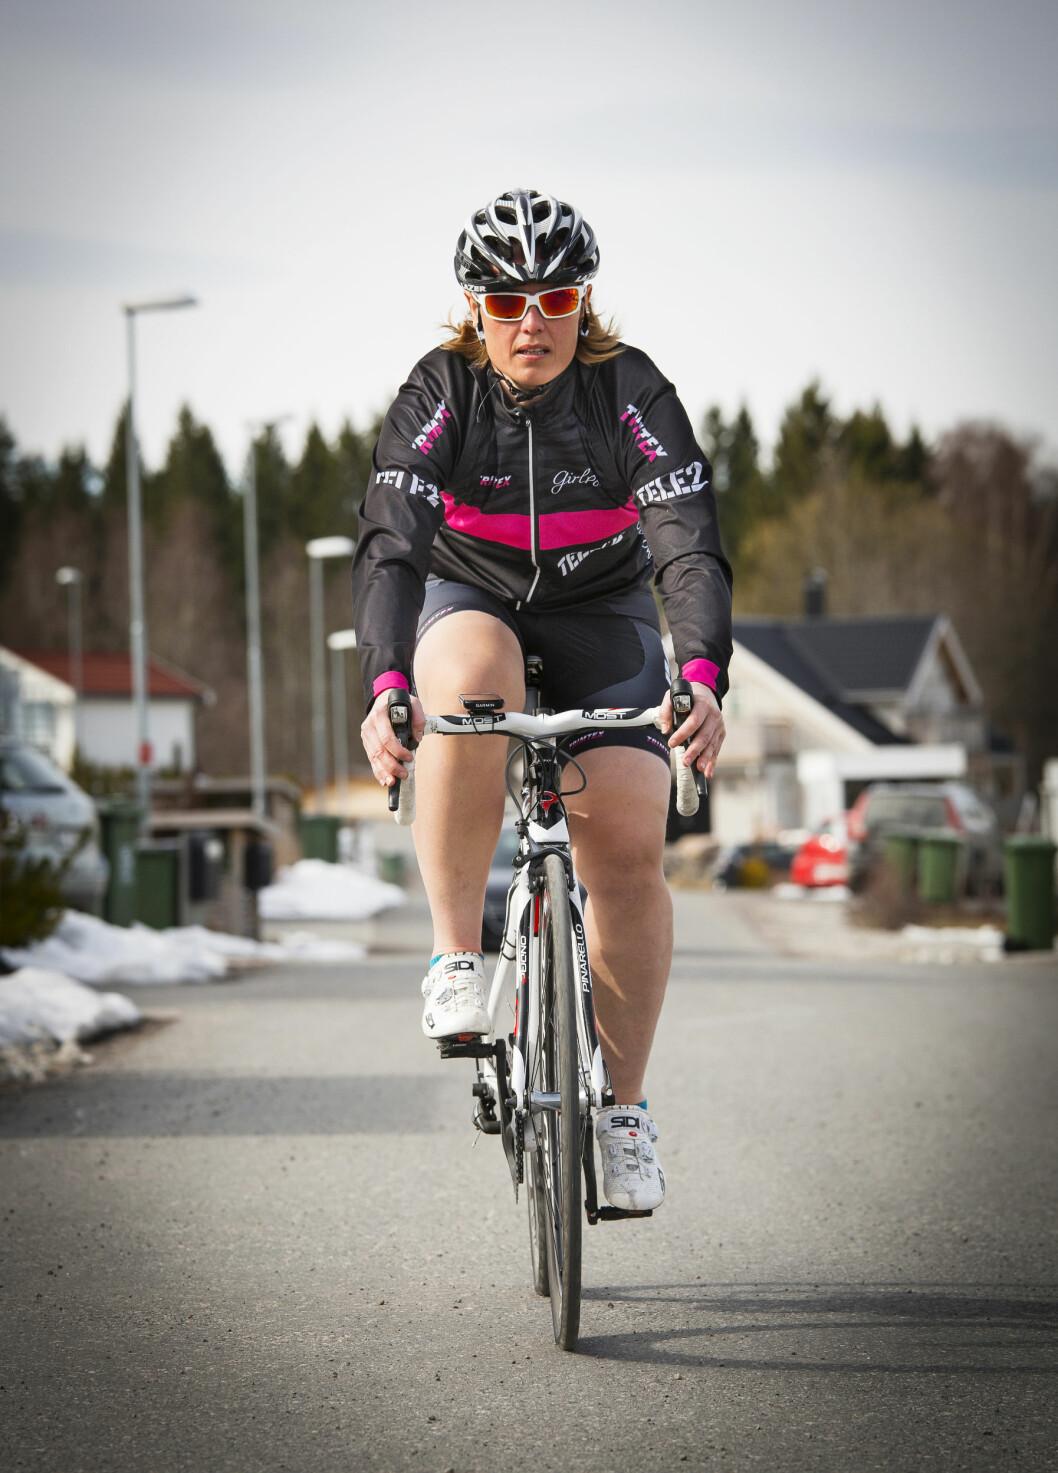 HARDTRENING: Linda trener hardt for å kvalifisere seg til Masters-VM i sykling. Foto: TOR LINDSETH/SE OG HØR